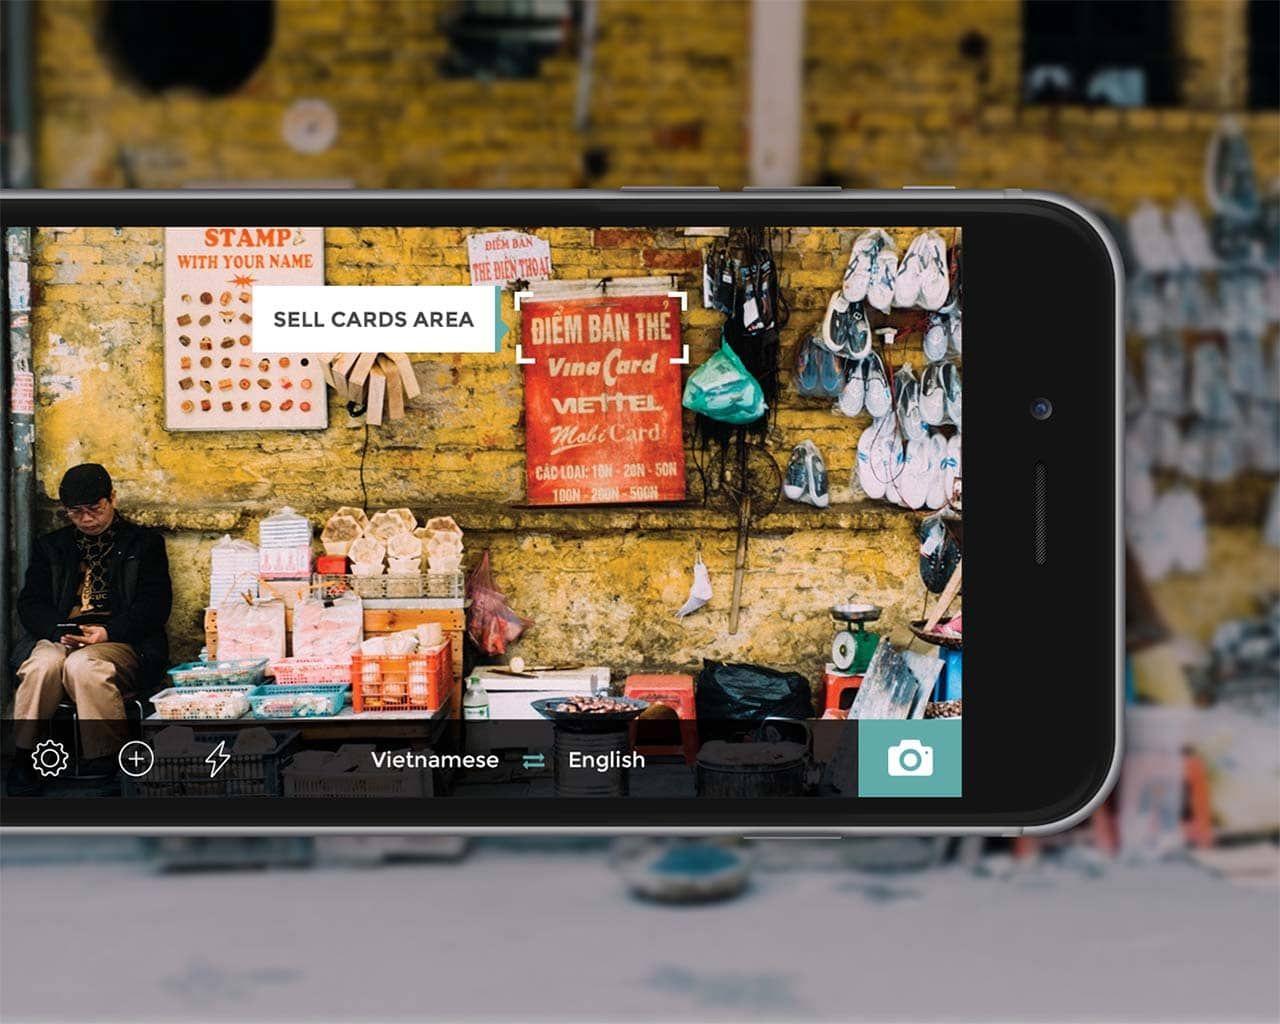 تطبيق ترجمة الصور وتحويلها الى نصوص برنامج ترجمة الصور Behance App Tablet